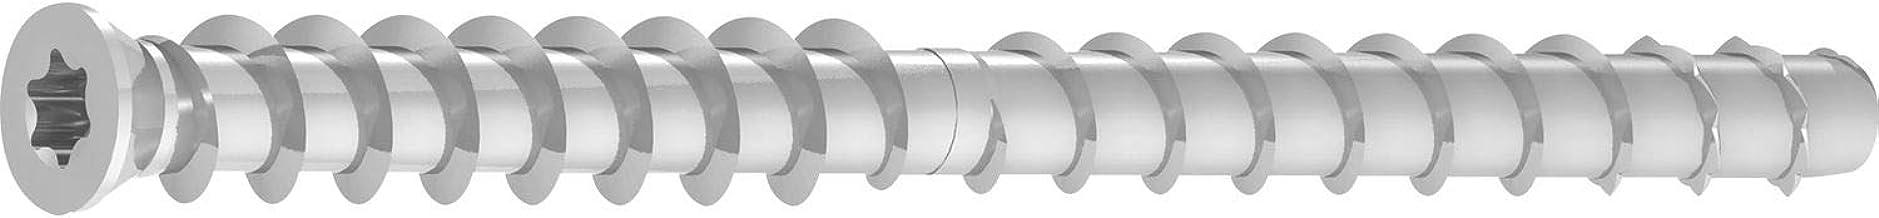 Heco mms TC TX30 hout verbindt betonnen schroef, 48308